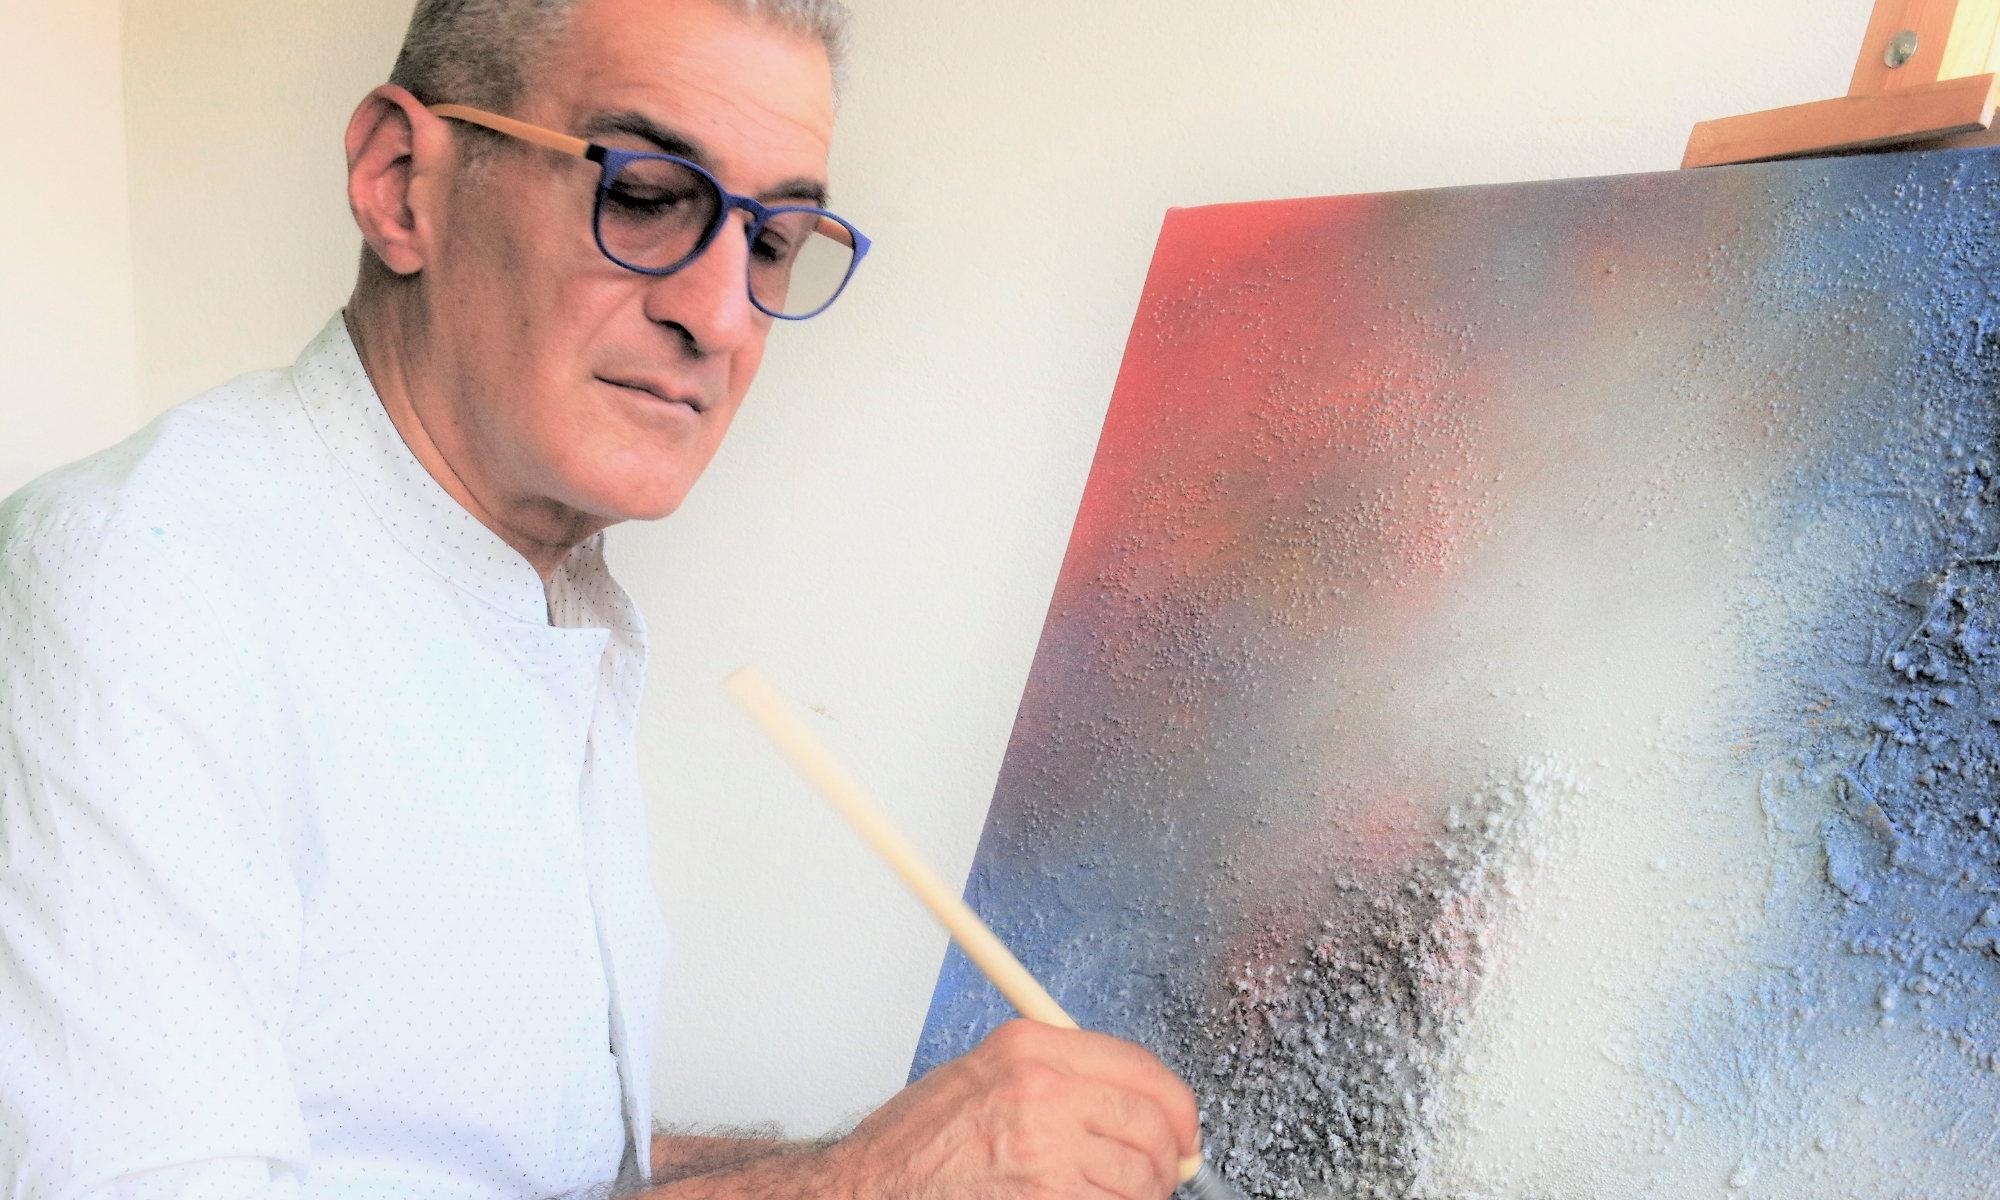 """Lorenzo Mignani - Pittore """"Ogni mio quadro è un altro """"me"""" che vive di vita propria. Il mio stato d'animo definisce i colori di un'opera o il modo in cui uso i pennelli e le spatole e influenza la direzione che prenderà il quadro."""""""